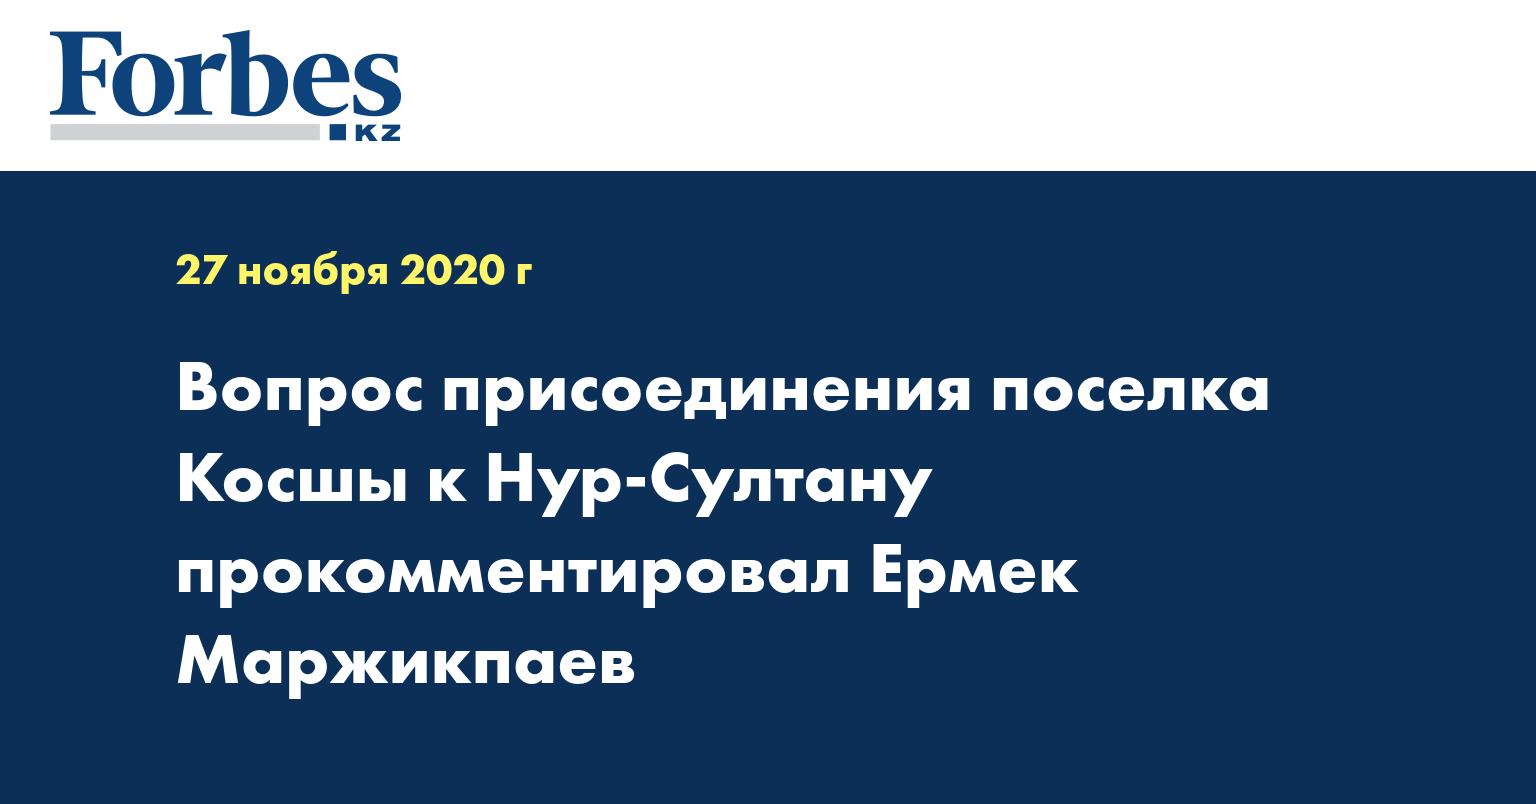 Вопрос присоединения поселка Косшы к Нур-Султану прокомментировал Ермек Маржикпаев